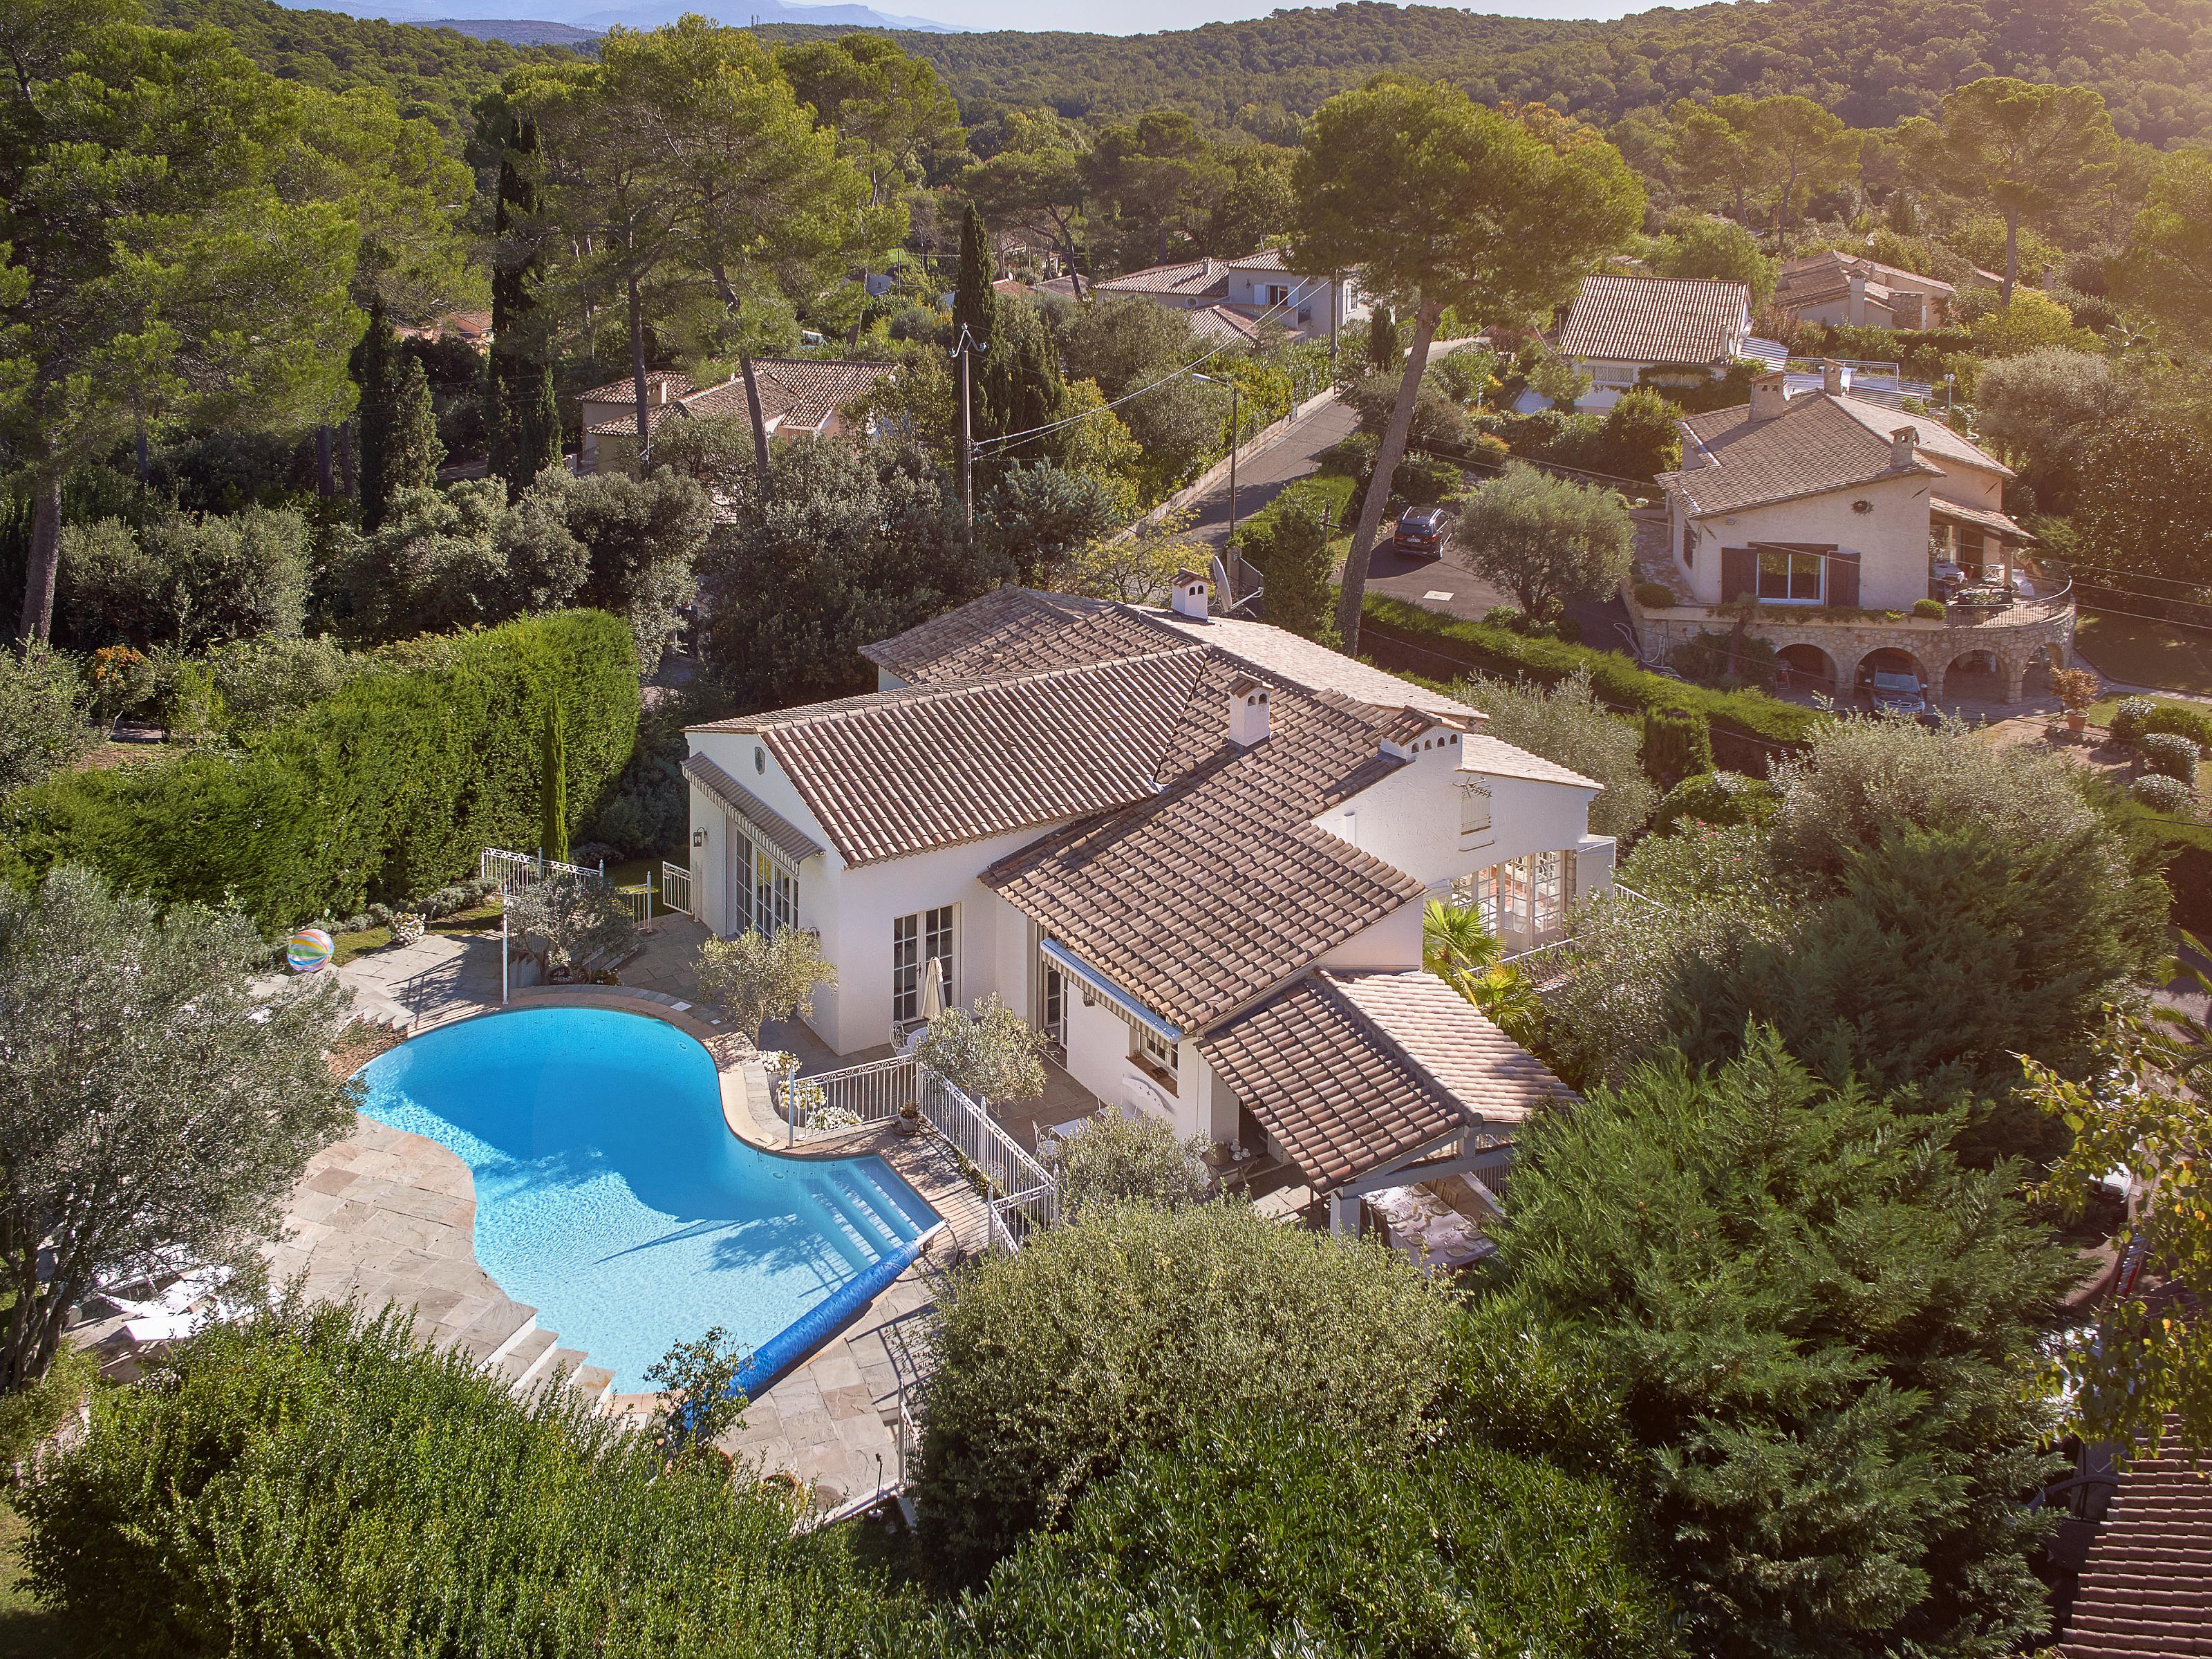 단독 가정 주택 용 매매 에 Private domain - Provençal style house Mougins Mougins, 프로벤스 앞ㄹ프스 코테 D'Azur 06250 프랑스